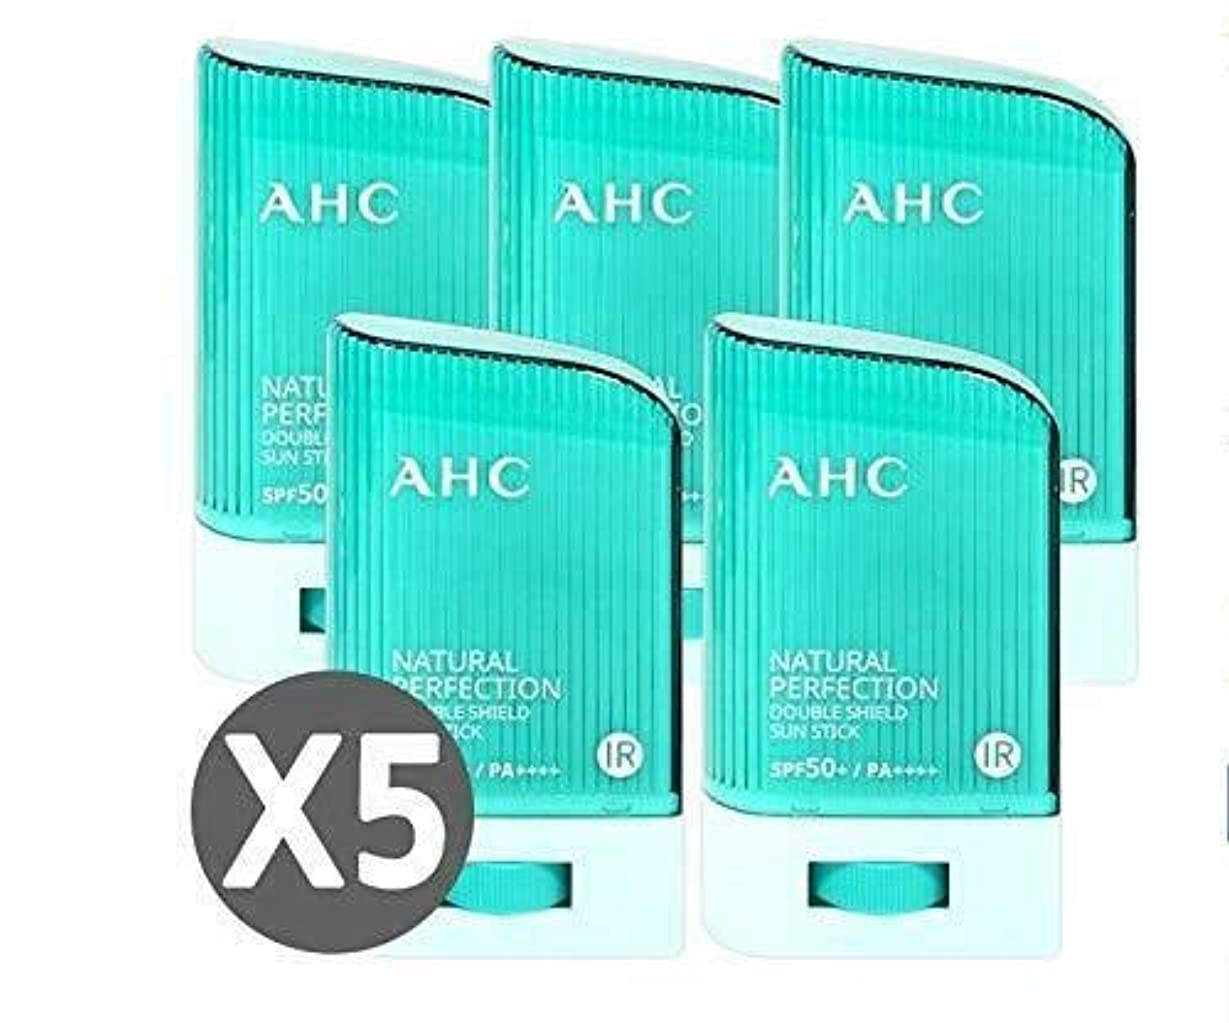 また海外レパートリー[ 5個セット ] AHC ナチュラルパーフェクションダブルシールドサンスティック 22g, Natural Perfection Double Shield Sun Stick SPF50+ PA++++